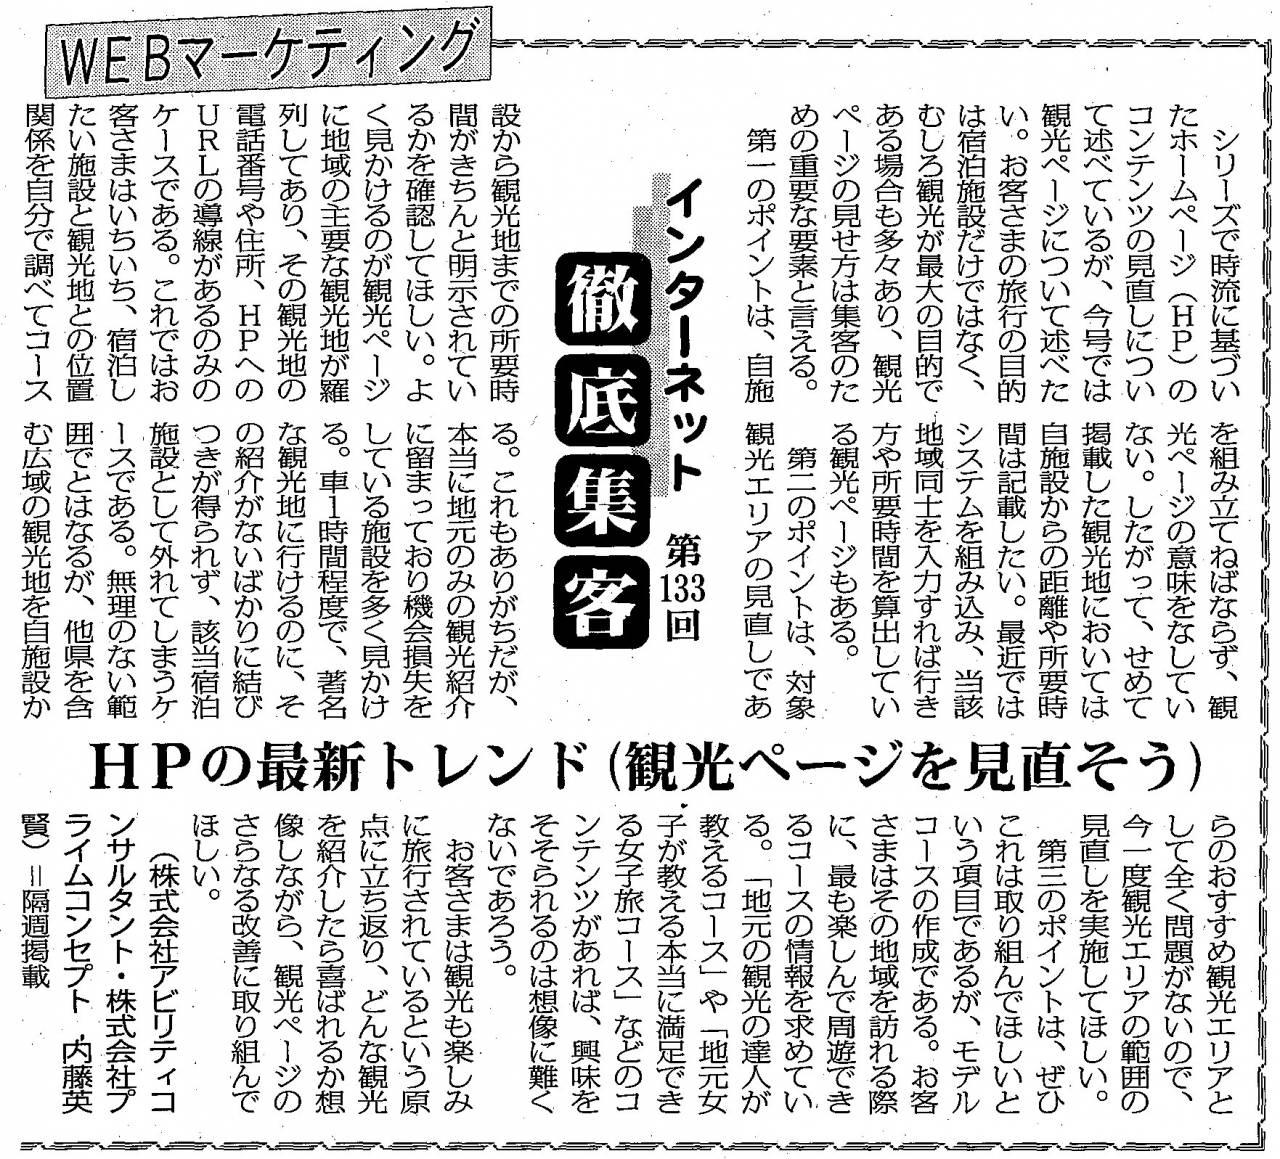 【第133回】WEBマーケティング HPの最新トレンド(観光ページを見直そう)